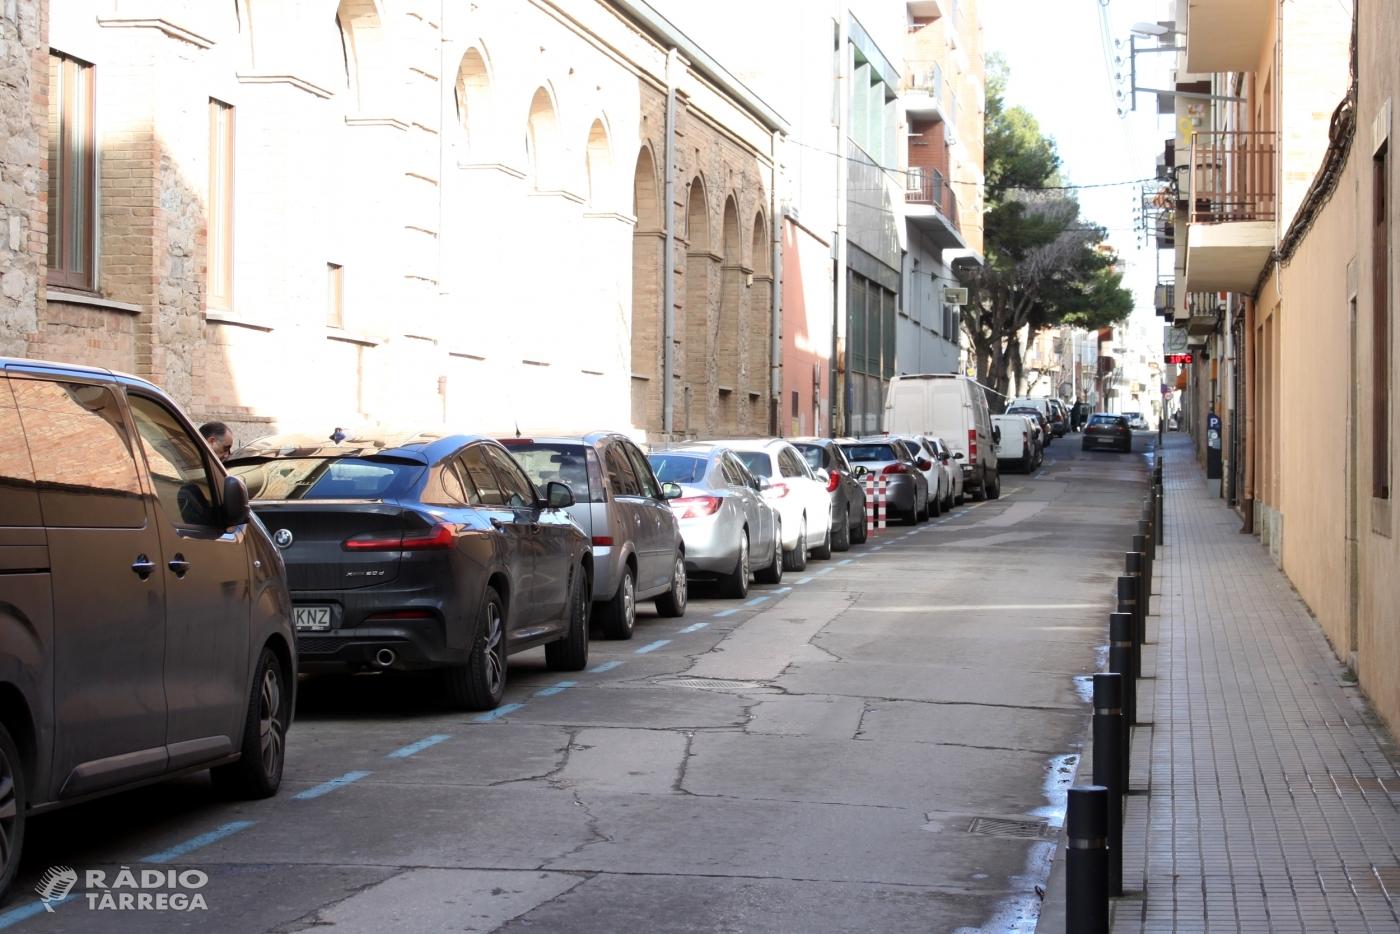 L'Ajuntament de Tàrrega aprova el projecte de renovació del carrer de Jacint Verdaguer, que es transformarà en un vial de plataforma única